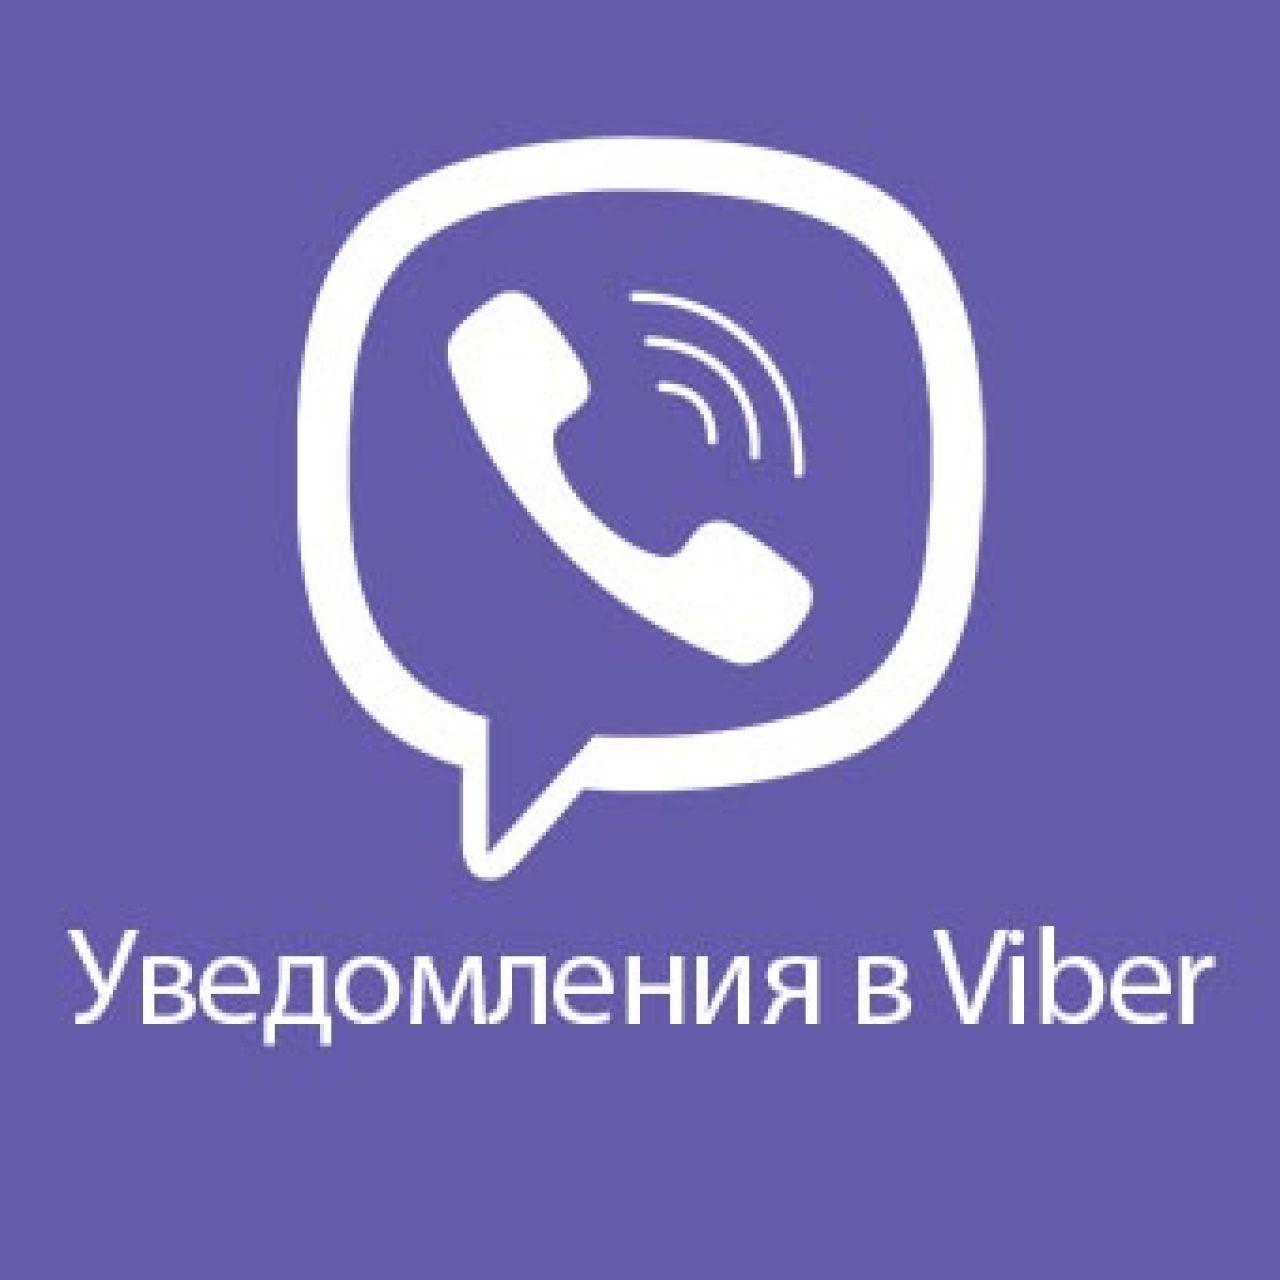 Viber уведомления 2.1 из категории Письма, почта, sms для CMS OpenCart (ОпенКарт)